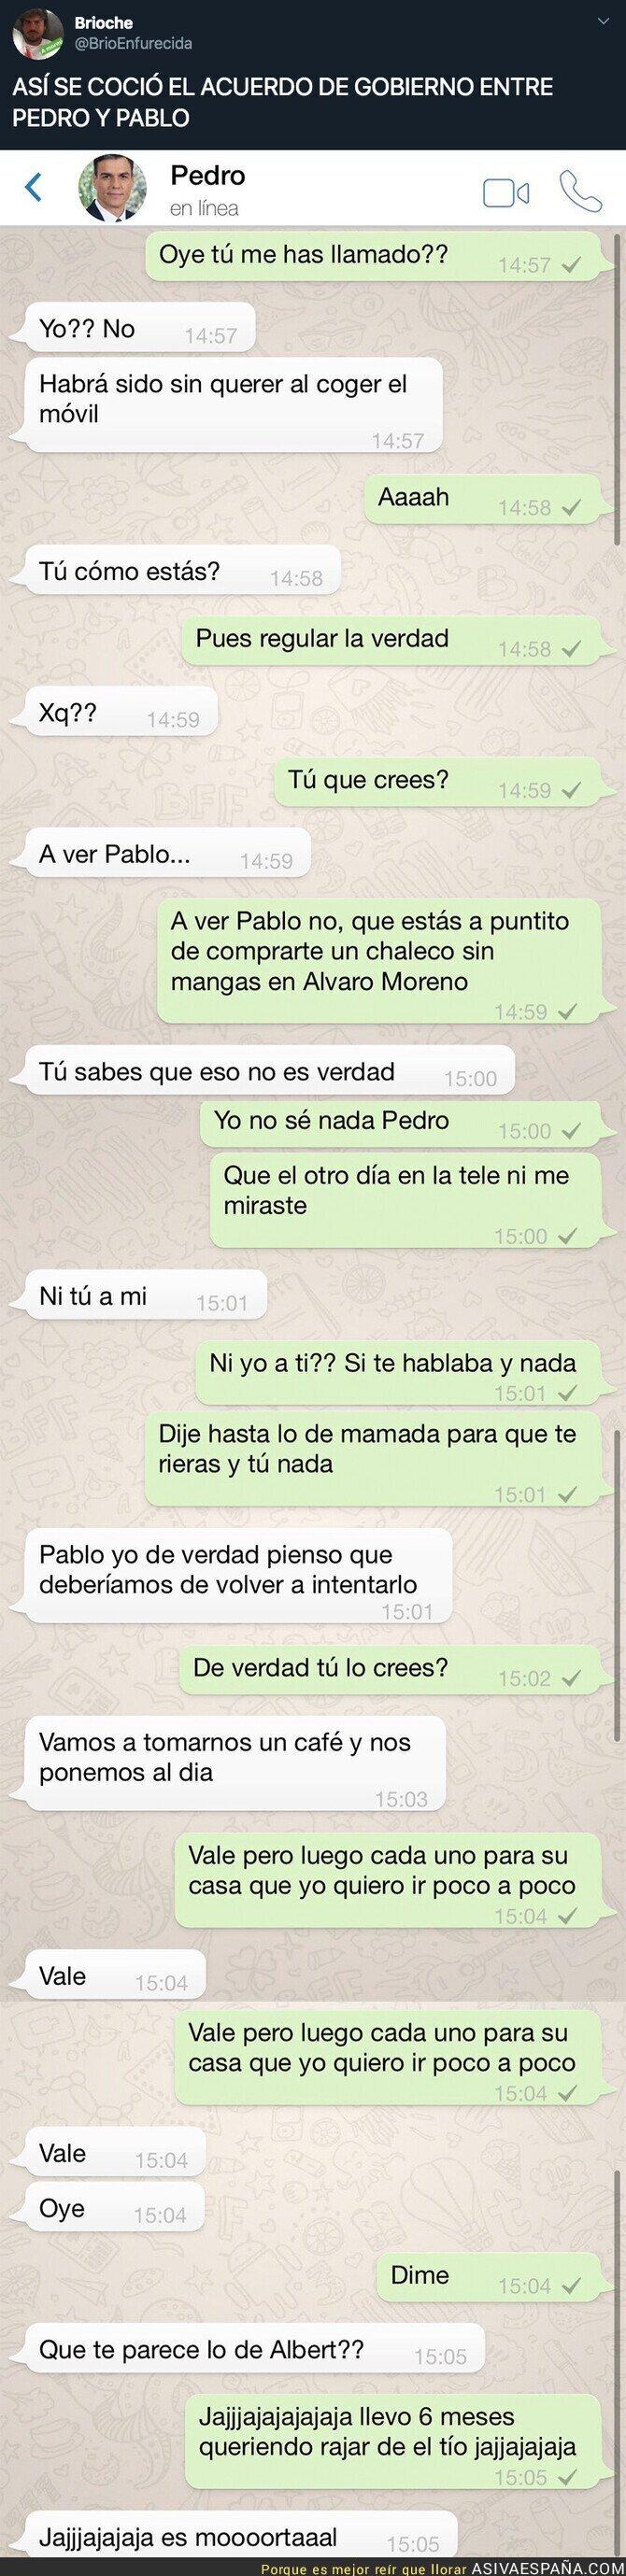 126889 - Se filtra como fue la conversación de WhatsApp entre Pedro Sánchez y Pablo Iglesias antes de alcanzar un acuerdo de Gobierno